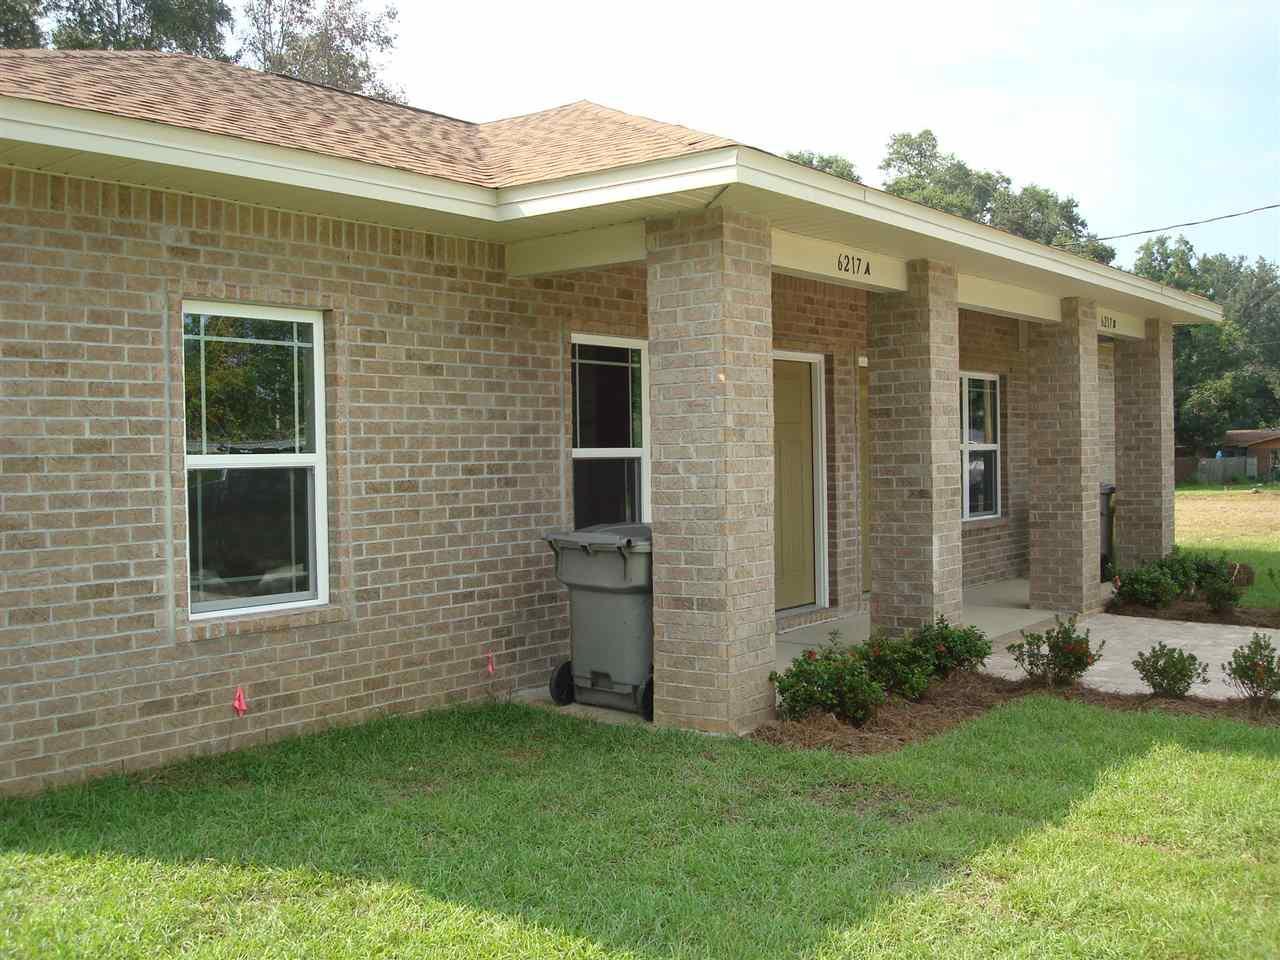 6217 Ferguson Dr #A And B, Pensacola, FL 32503